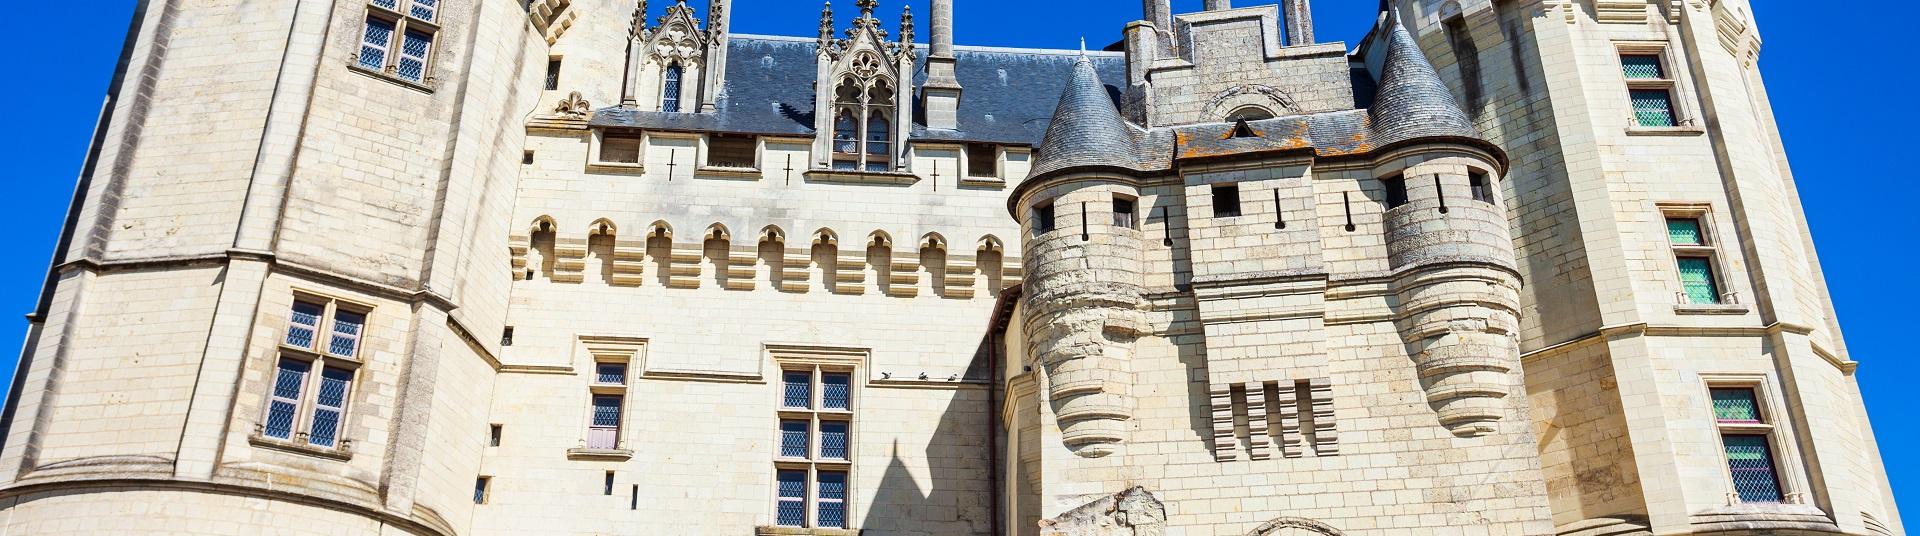 Week-end pas cher Pays de la Loire